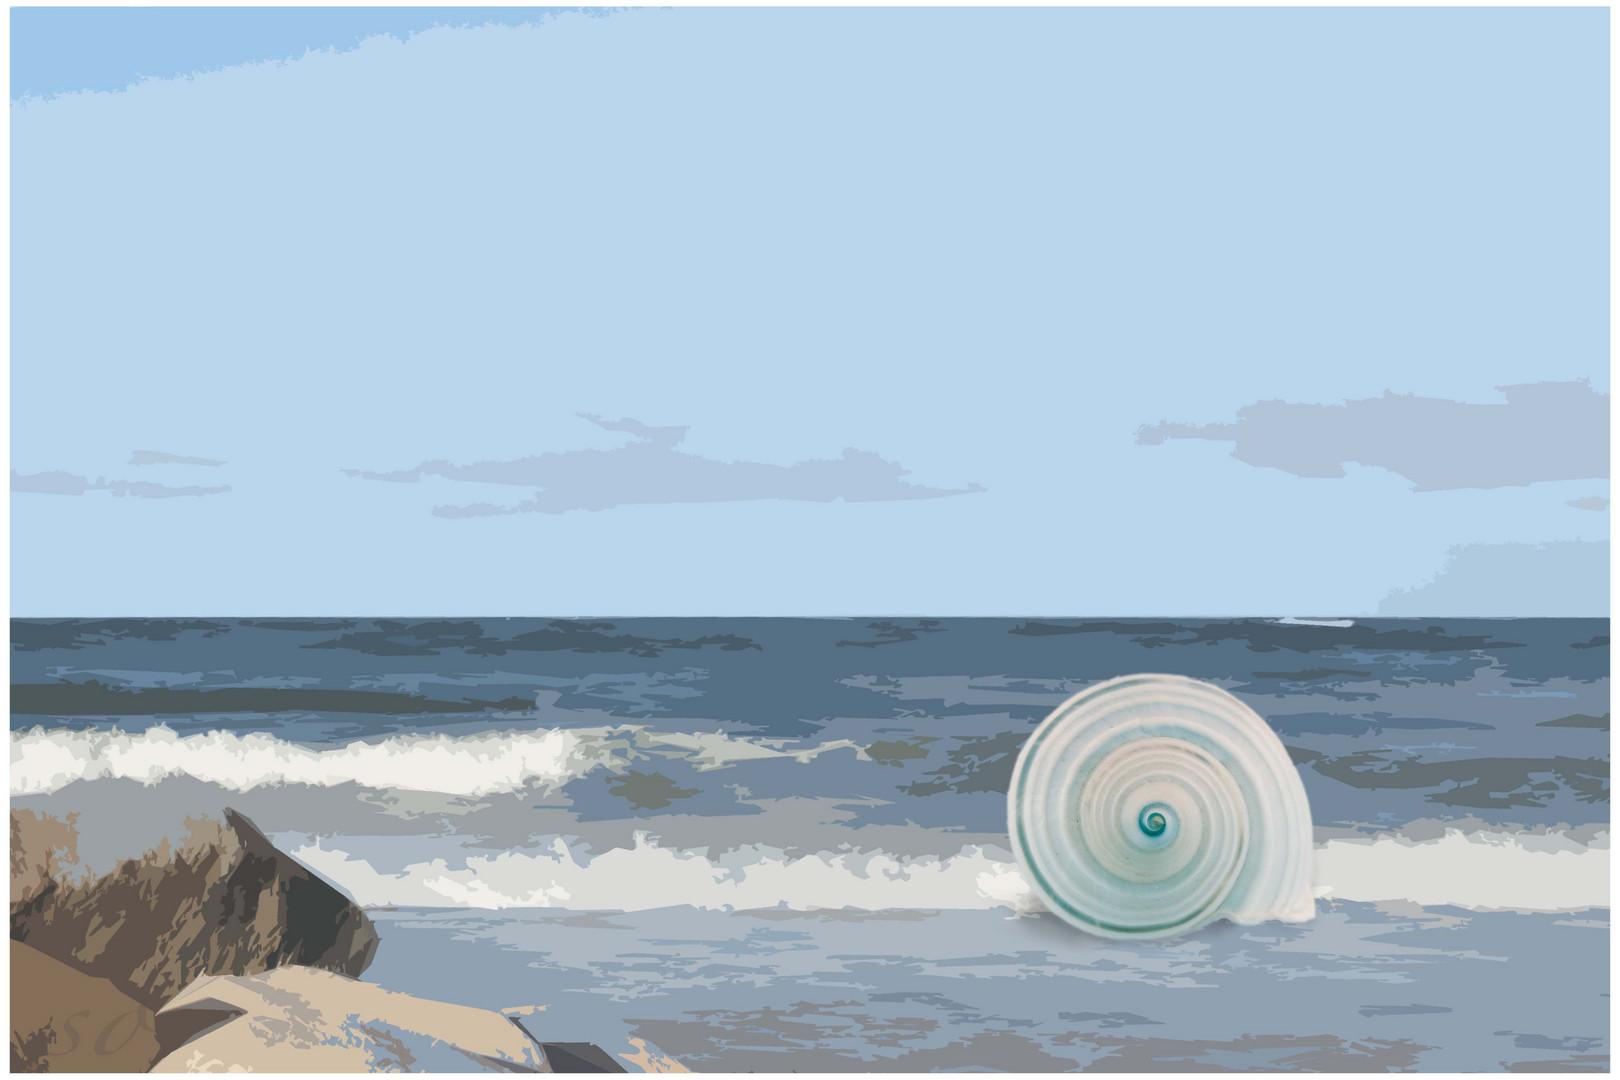 Häuschen am Meer